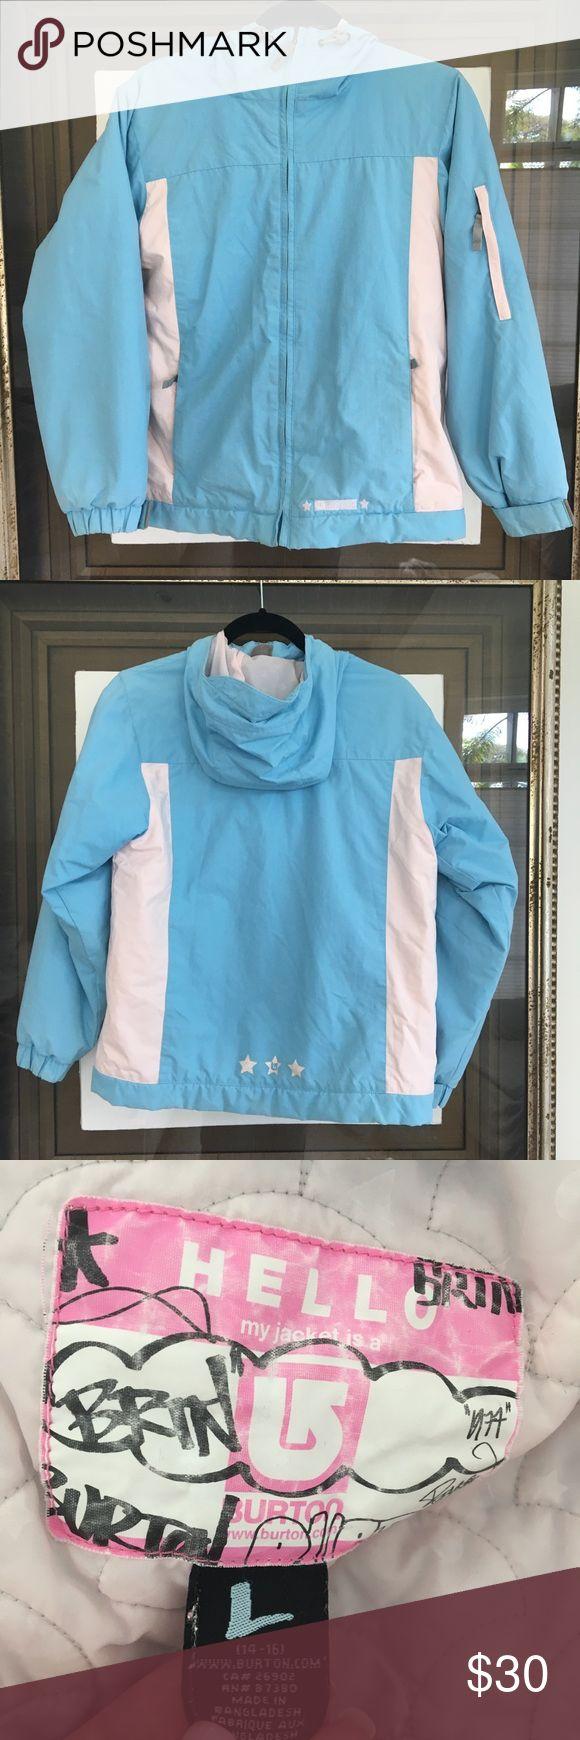 BURTON BURTON Ski Jacket used a few seasons only a few weeks at a time since we live on maui🌈🐳 Burton Jackets & Coats Puffers